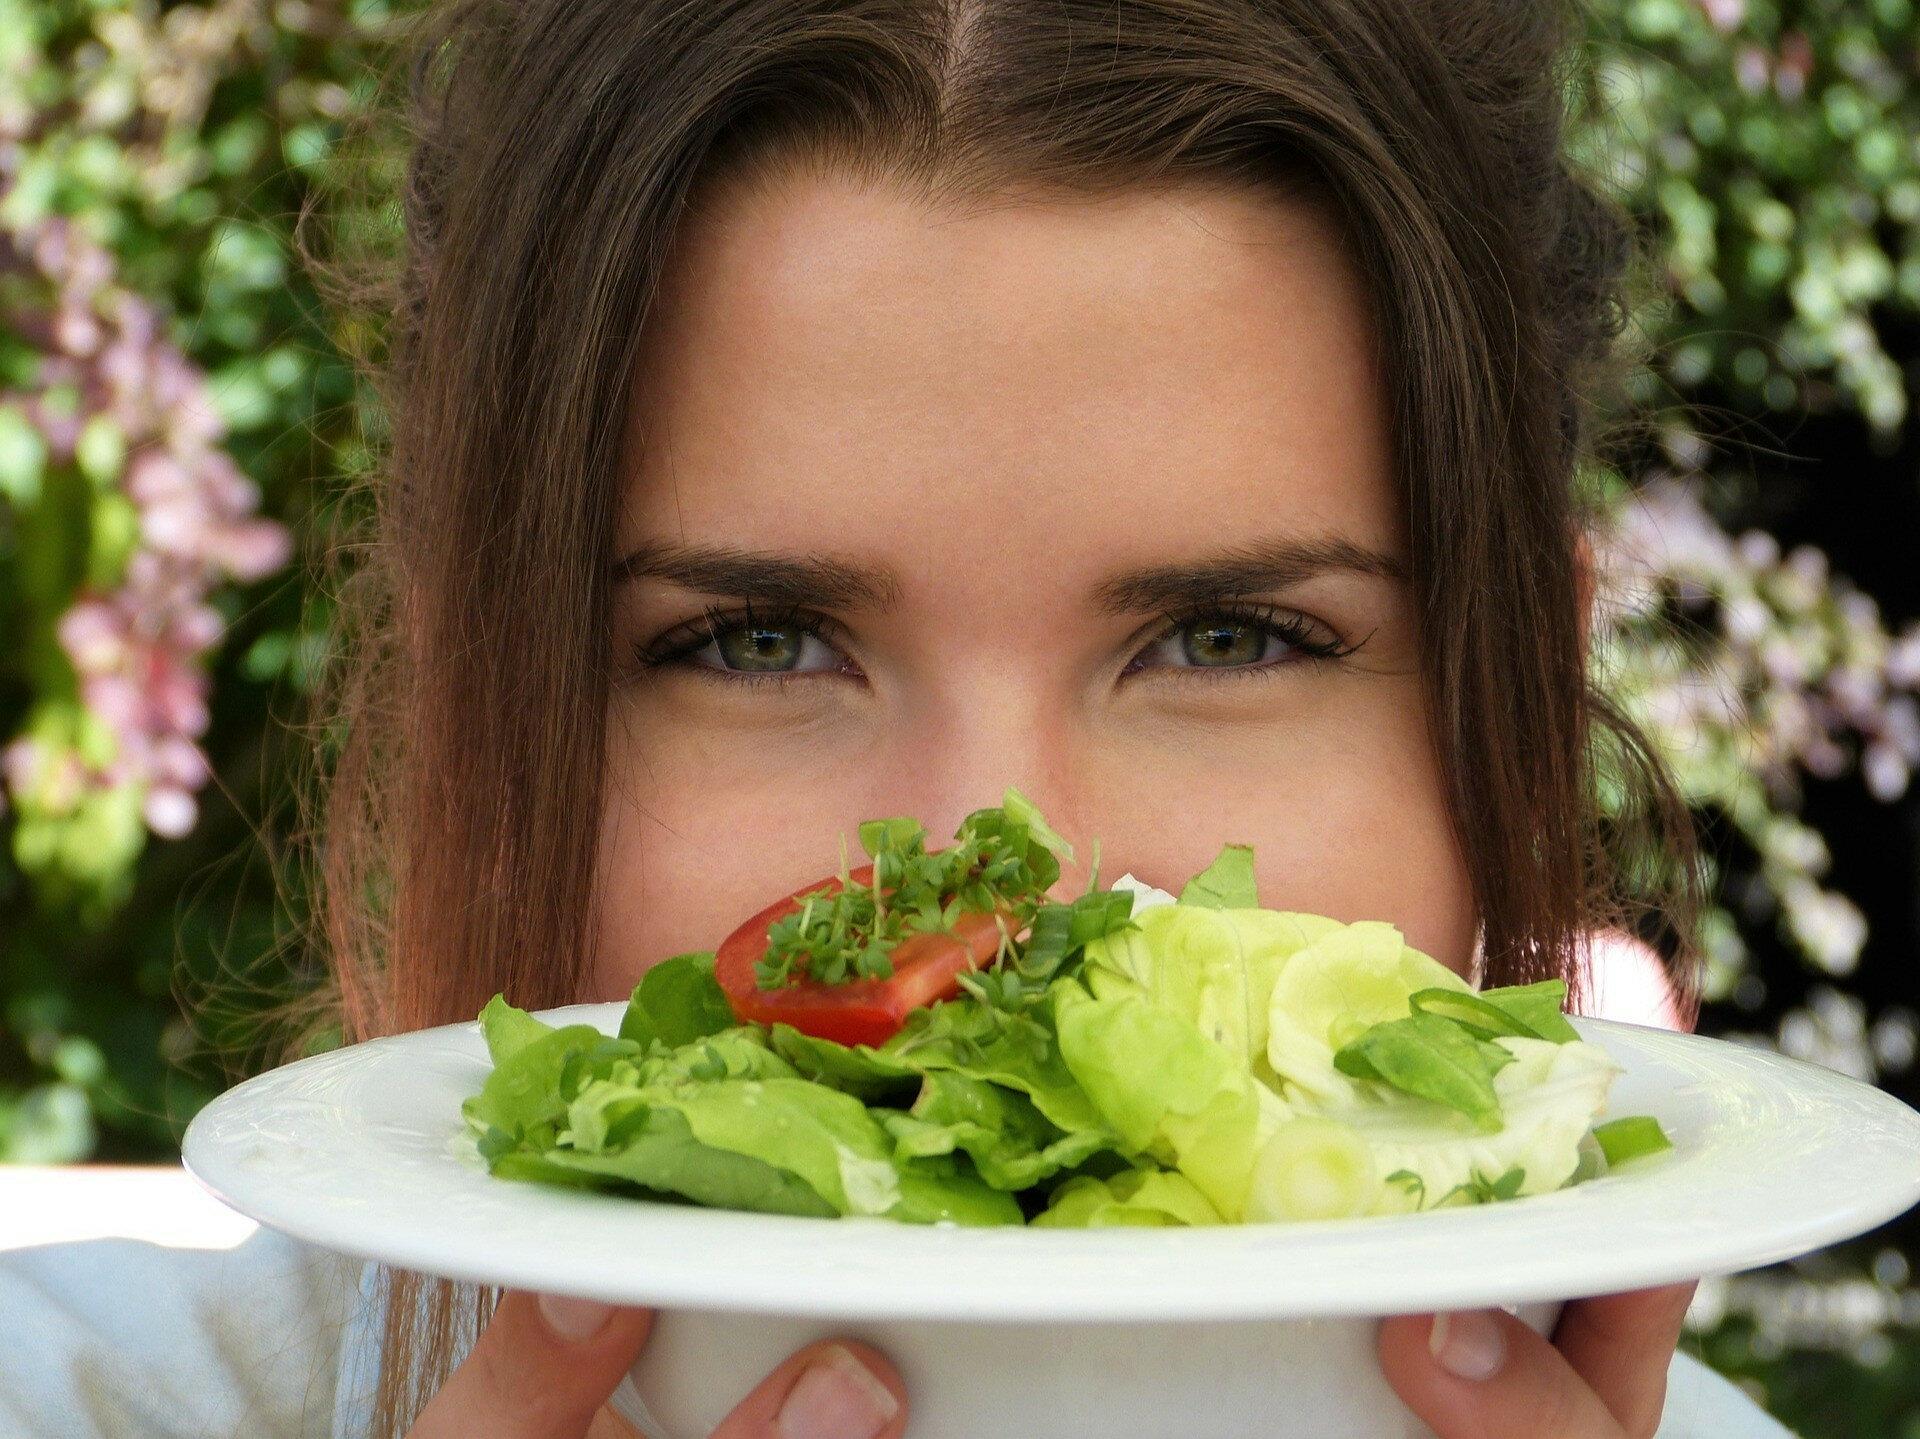 От застоя желчи: как питаться при проблемах с желчным пузырем